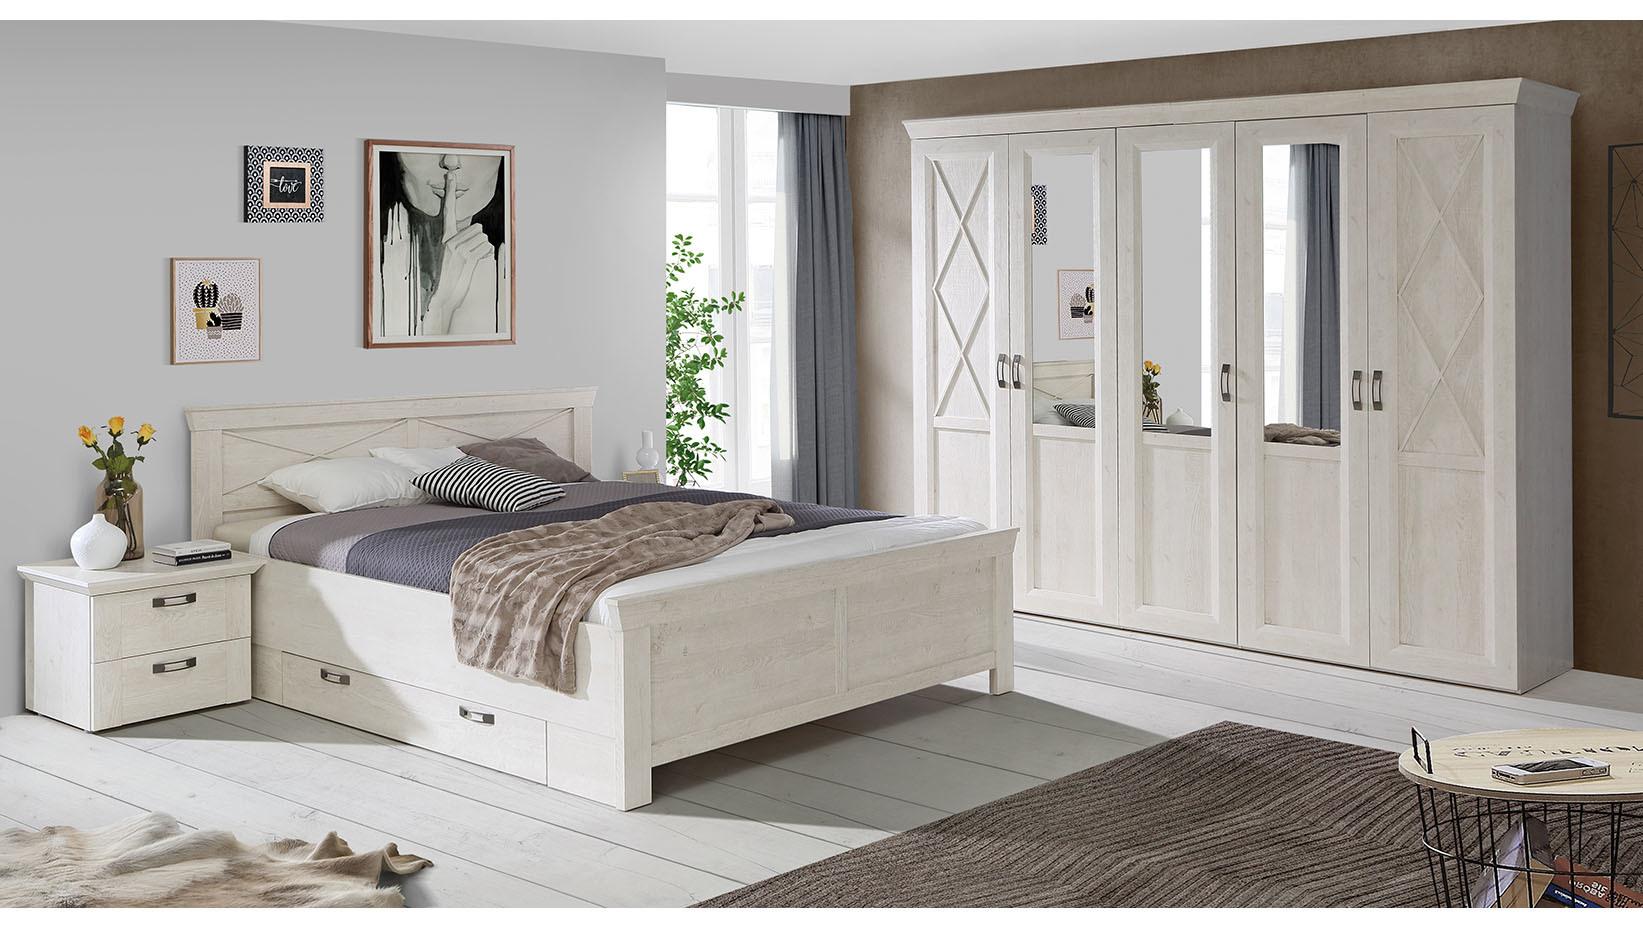 Jak Ustawić łóżko W Sypialni Salony Agata